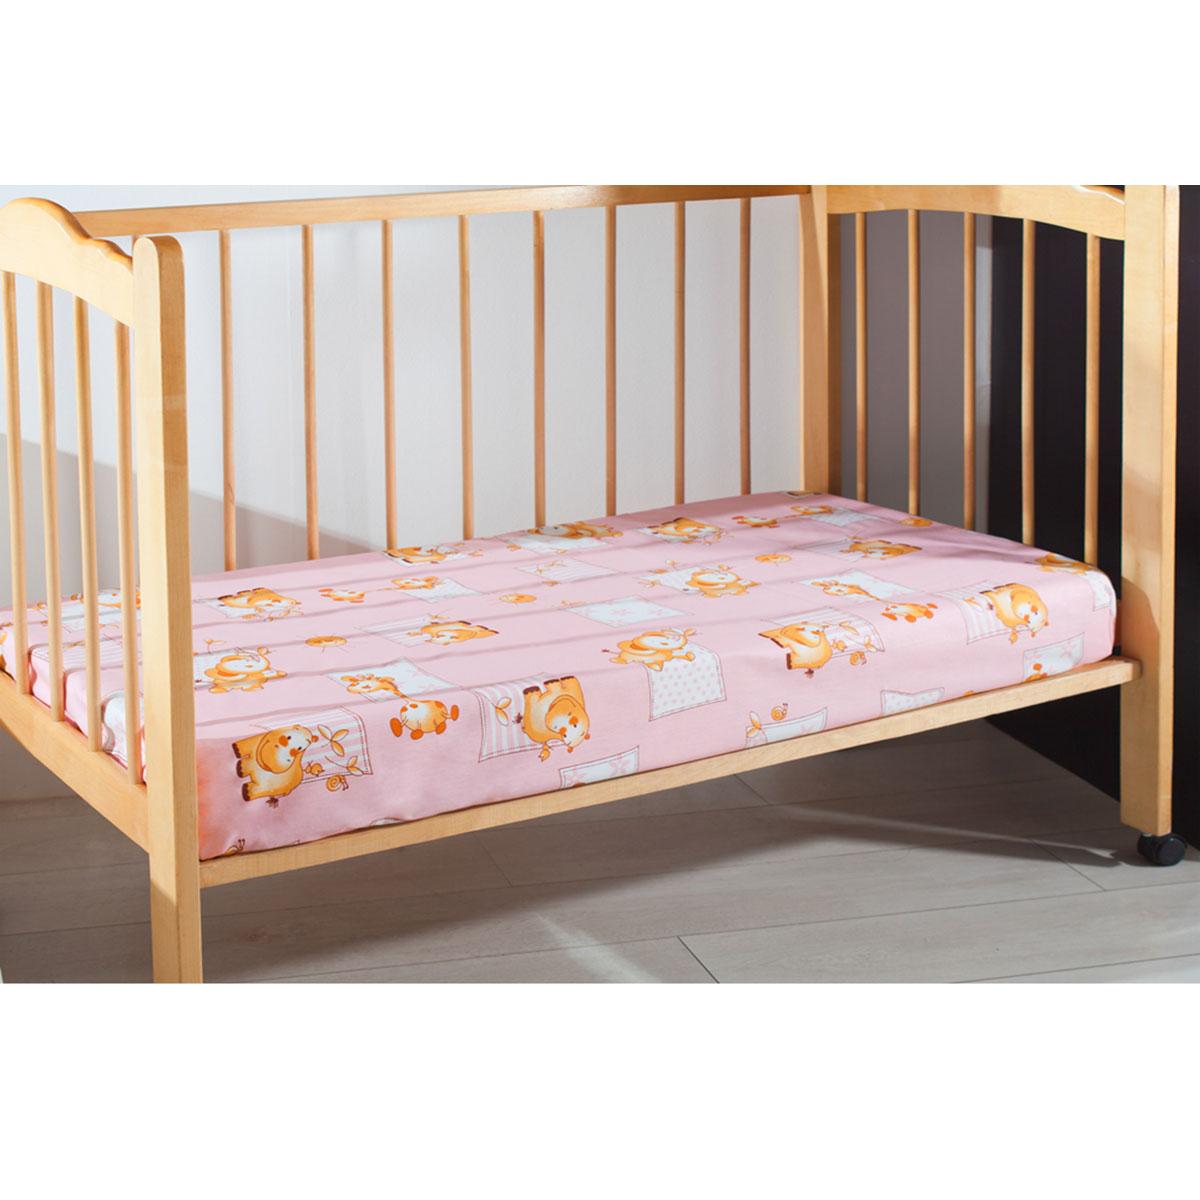 Простыня на резинке детская Primavelle, цвет: розовый, 60 см х 120 см х 20 см114612110-26Мягкая простыня на резинке Primavelle идеально подойдет для кроватки вашего малыша и обеспечит ему здоровый сон. Она изготовлена из натурального 100% хлопка, дарящего малышу непревзойденную мягкость. Простыня с помощью специальной резинки растягивается на матрасе. Она не сомнется и не скомкается, как бы не вертелся ребенок. Подарите вашему малышу комфорт и удобство! Размер простыни: 60 см х 120 см х 20 см.